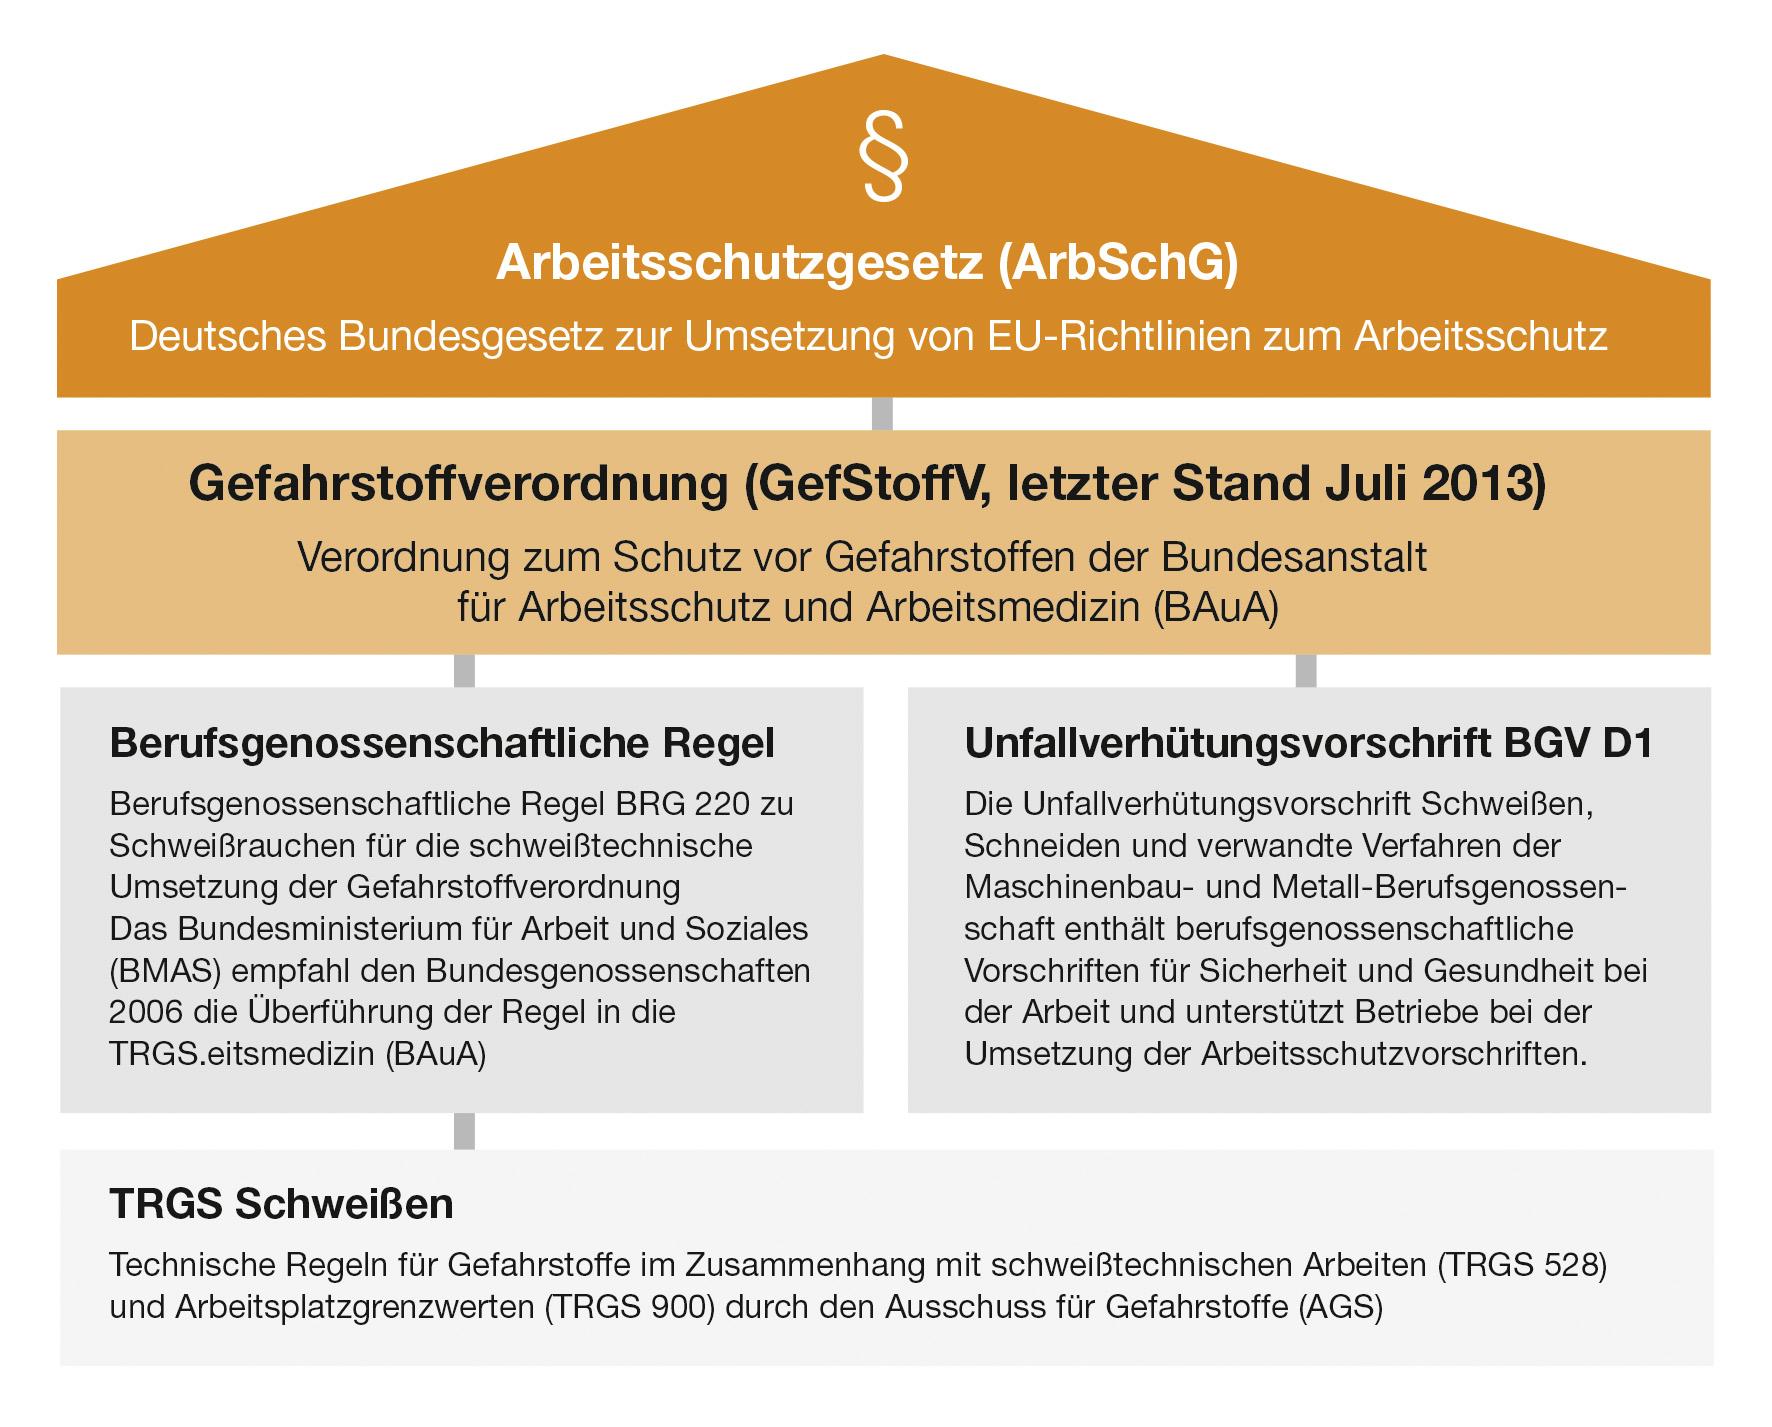 https://www.pressebox.de/pressemitteilung/hl-studios-gmbh-agentur ...